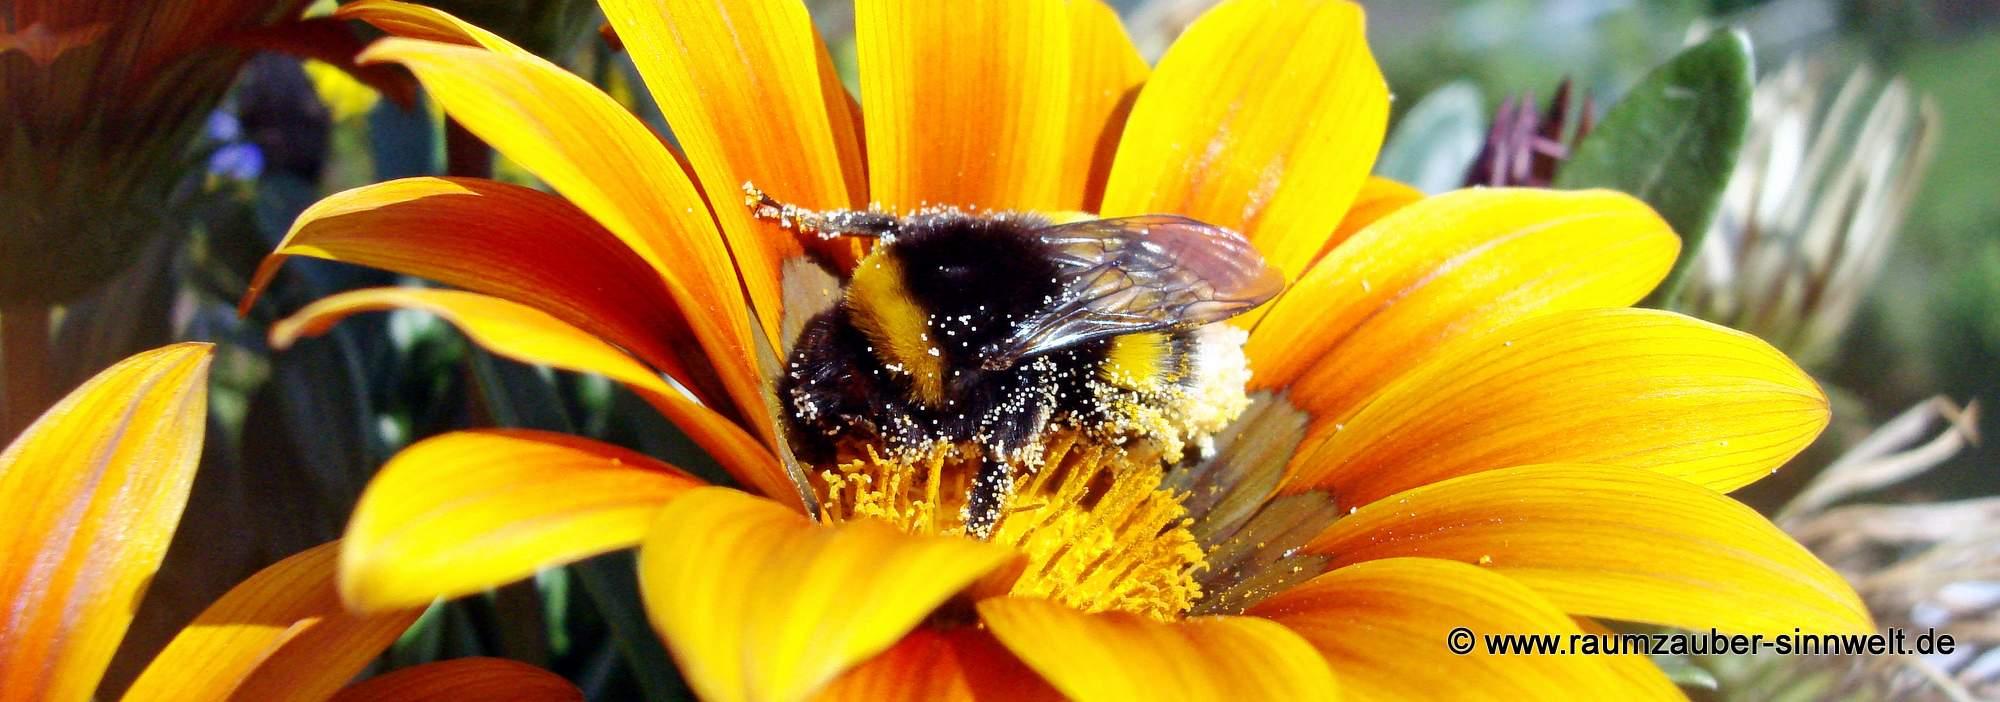 Worüber sich Bienen freuen - verwandeln Sie Garten, Terrasse oder Balkon in eine Oase für Insekten